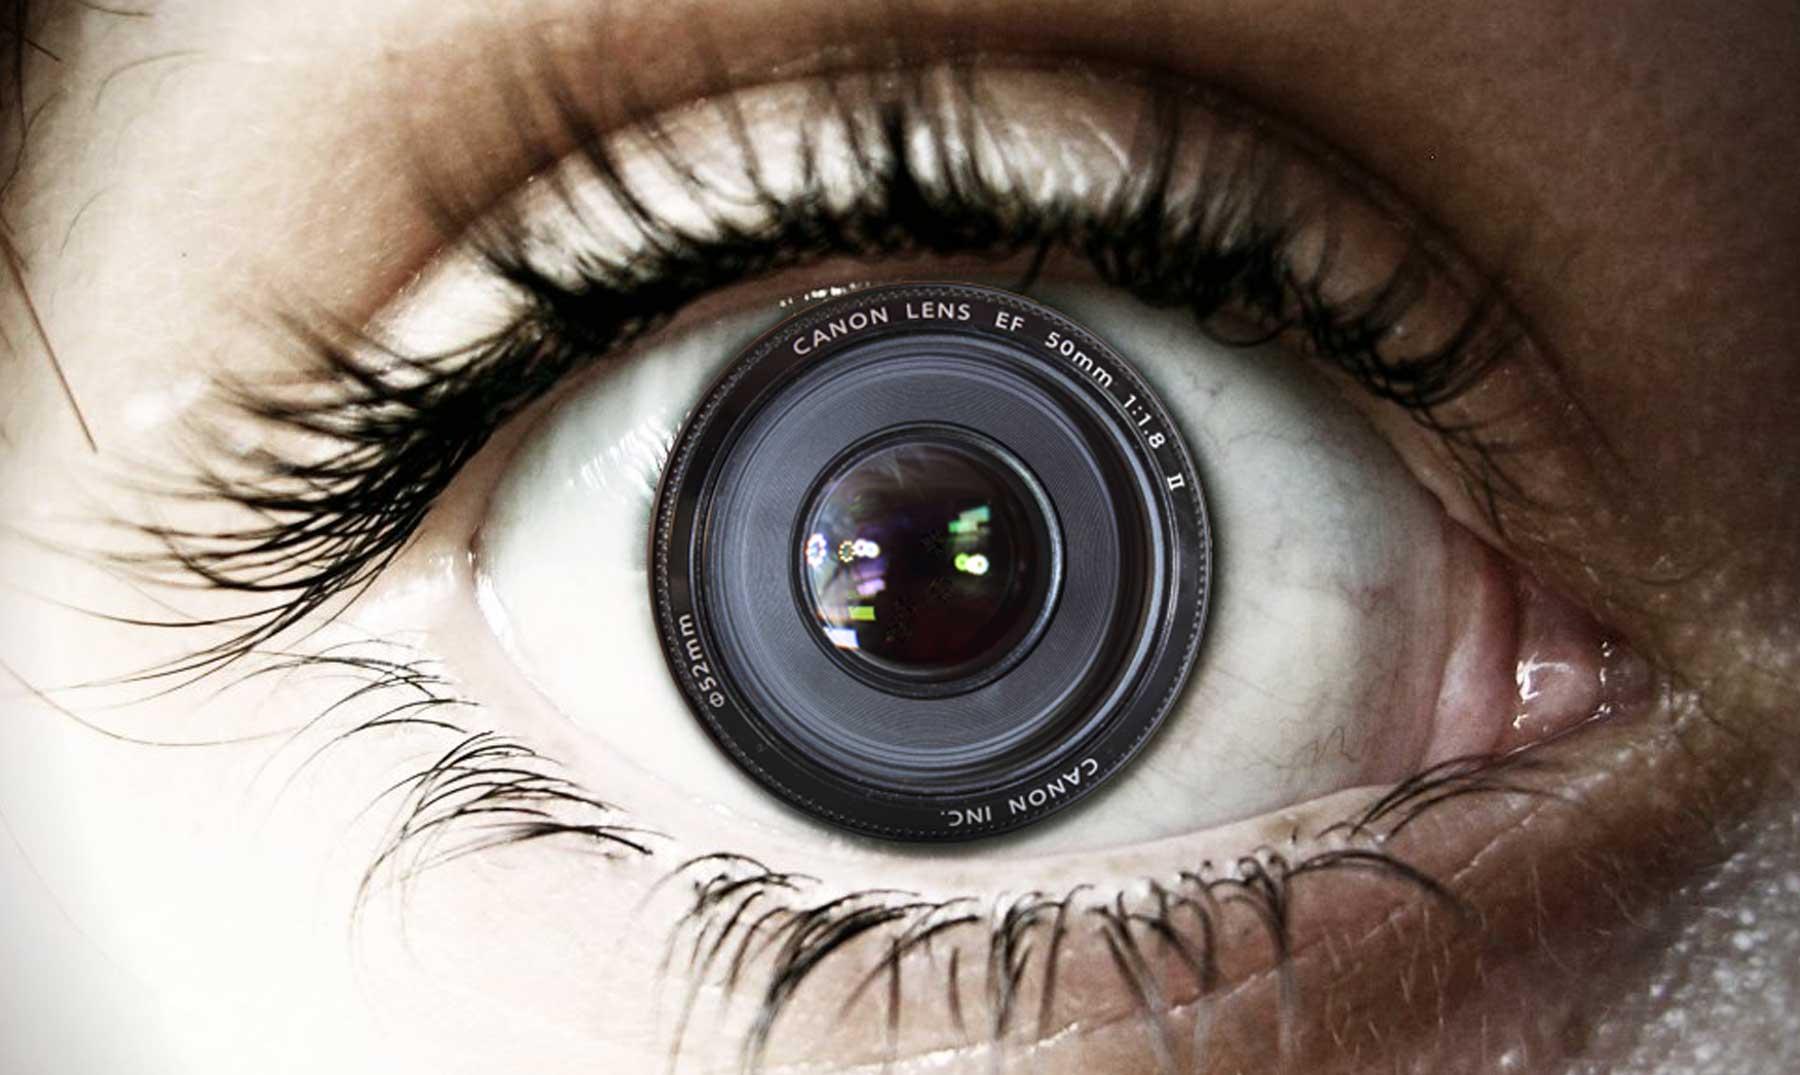 Si nuestros ojos fuesen una cámara fotográfica, ¿cuántos megapíxeles tendría?